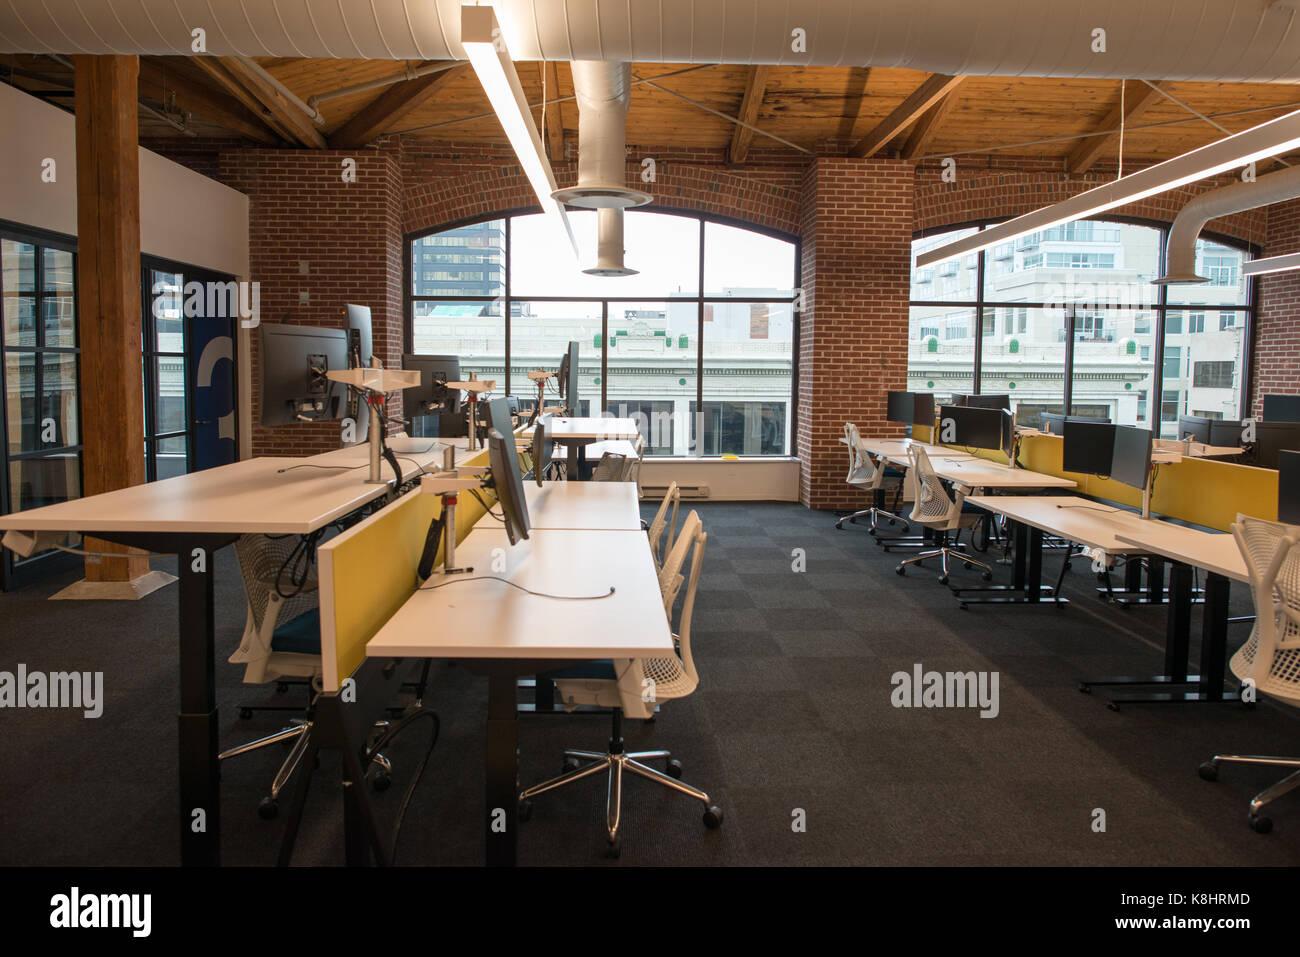 Moderno concetto aperto loft spazio per uffici con grandi finestre e luce naturale e un layout per incoraggiare Immagini Stock